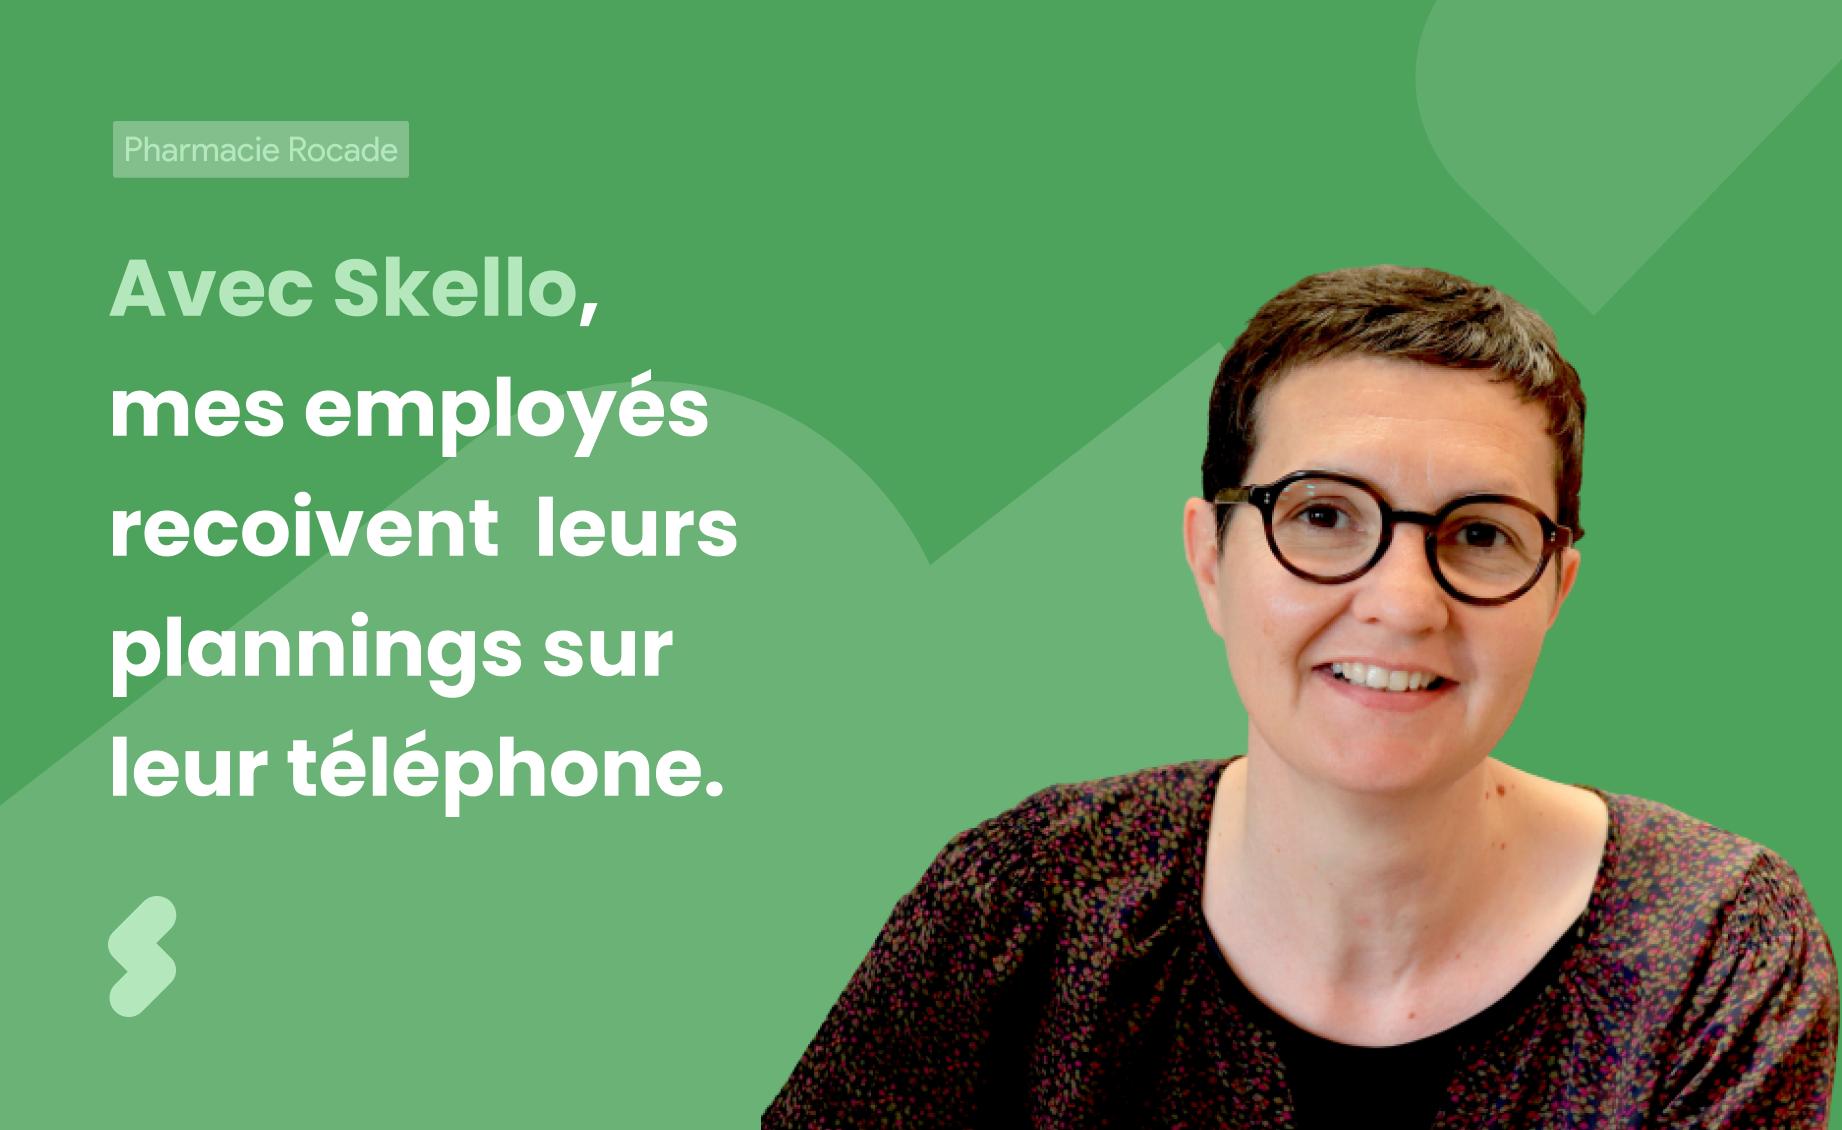 La Pharmacie de la Rocade Villenave gère les emplois du temps de ses 18 employés sur Skello.